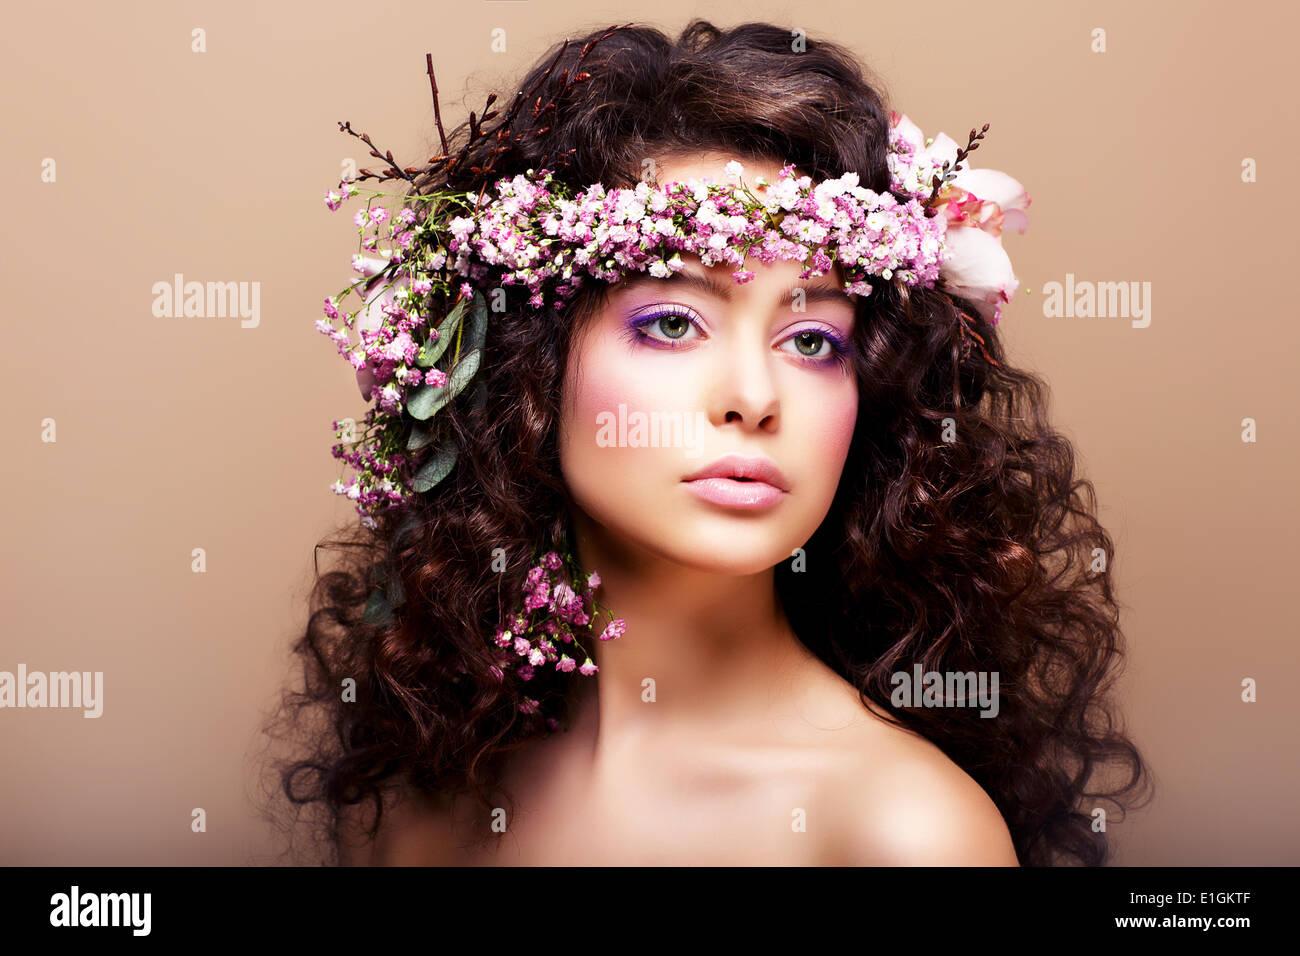 Üppige. Weiblichkeit. Mode-Modell mit klassischen Kranz aus Blumen Stockbild